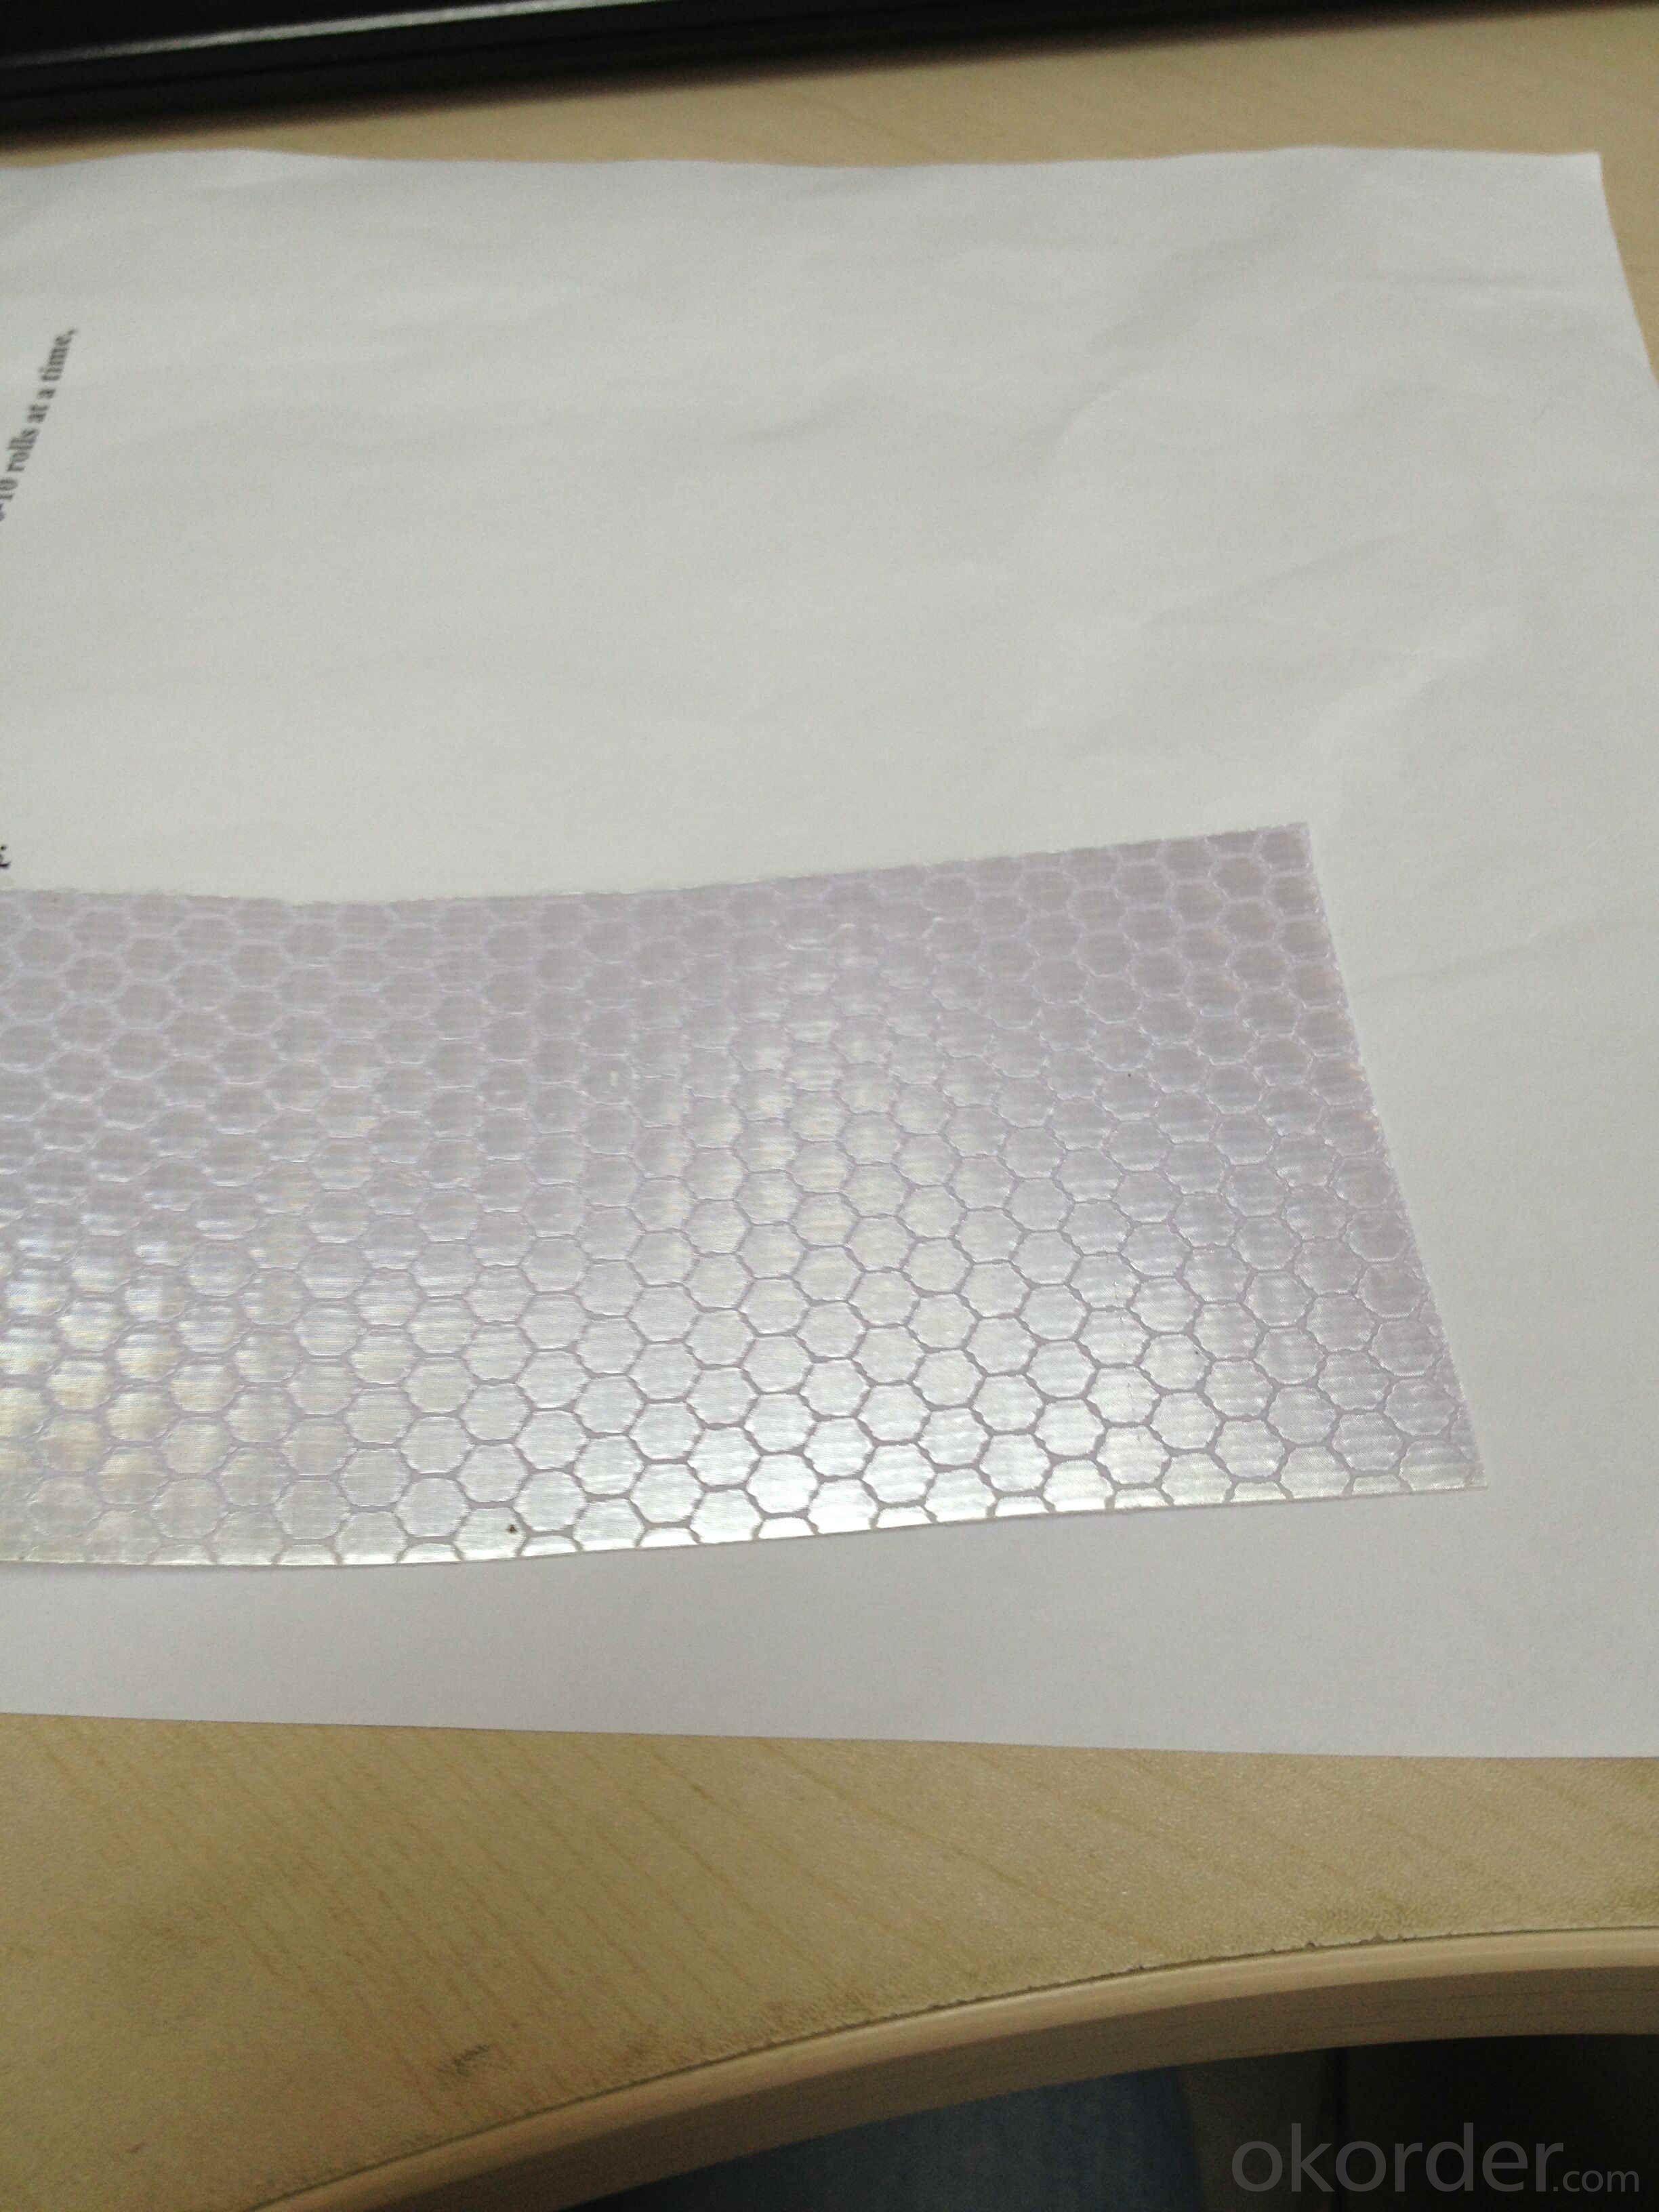 Buy Pvc Honeycomb Reflective Vinyl Roll Honeycomb Solvent